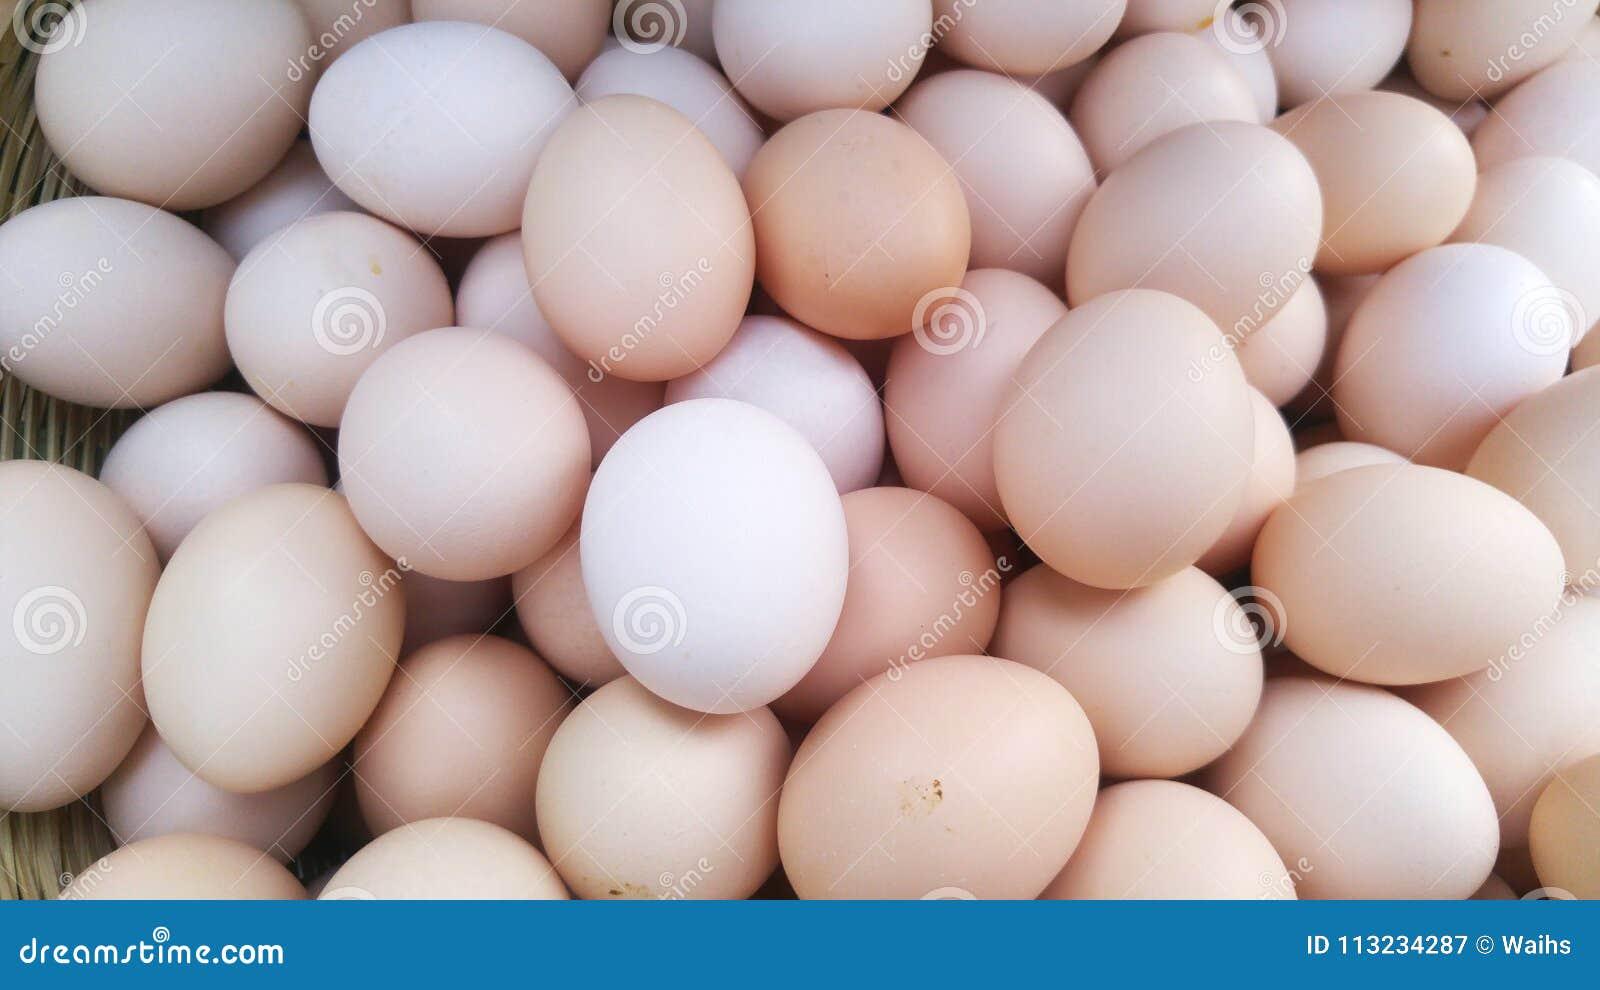 Яички в руке девушки, Русская красотка сжимает в руках мужские яйца и дает 18 фотография